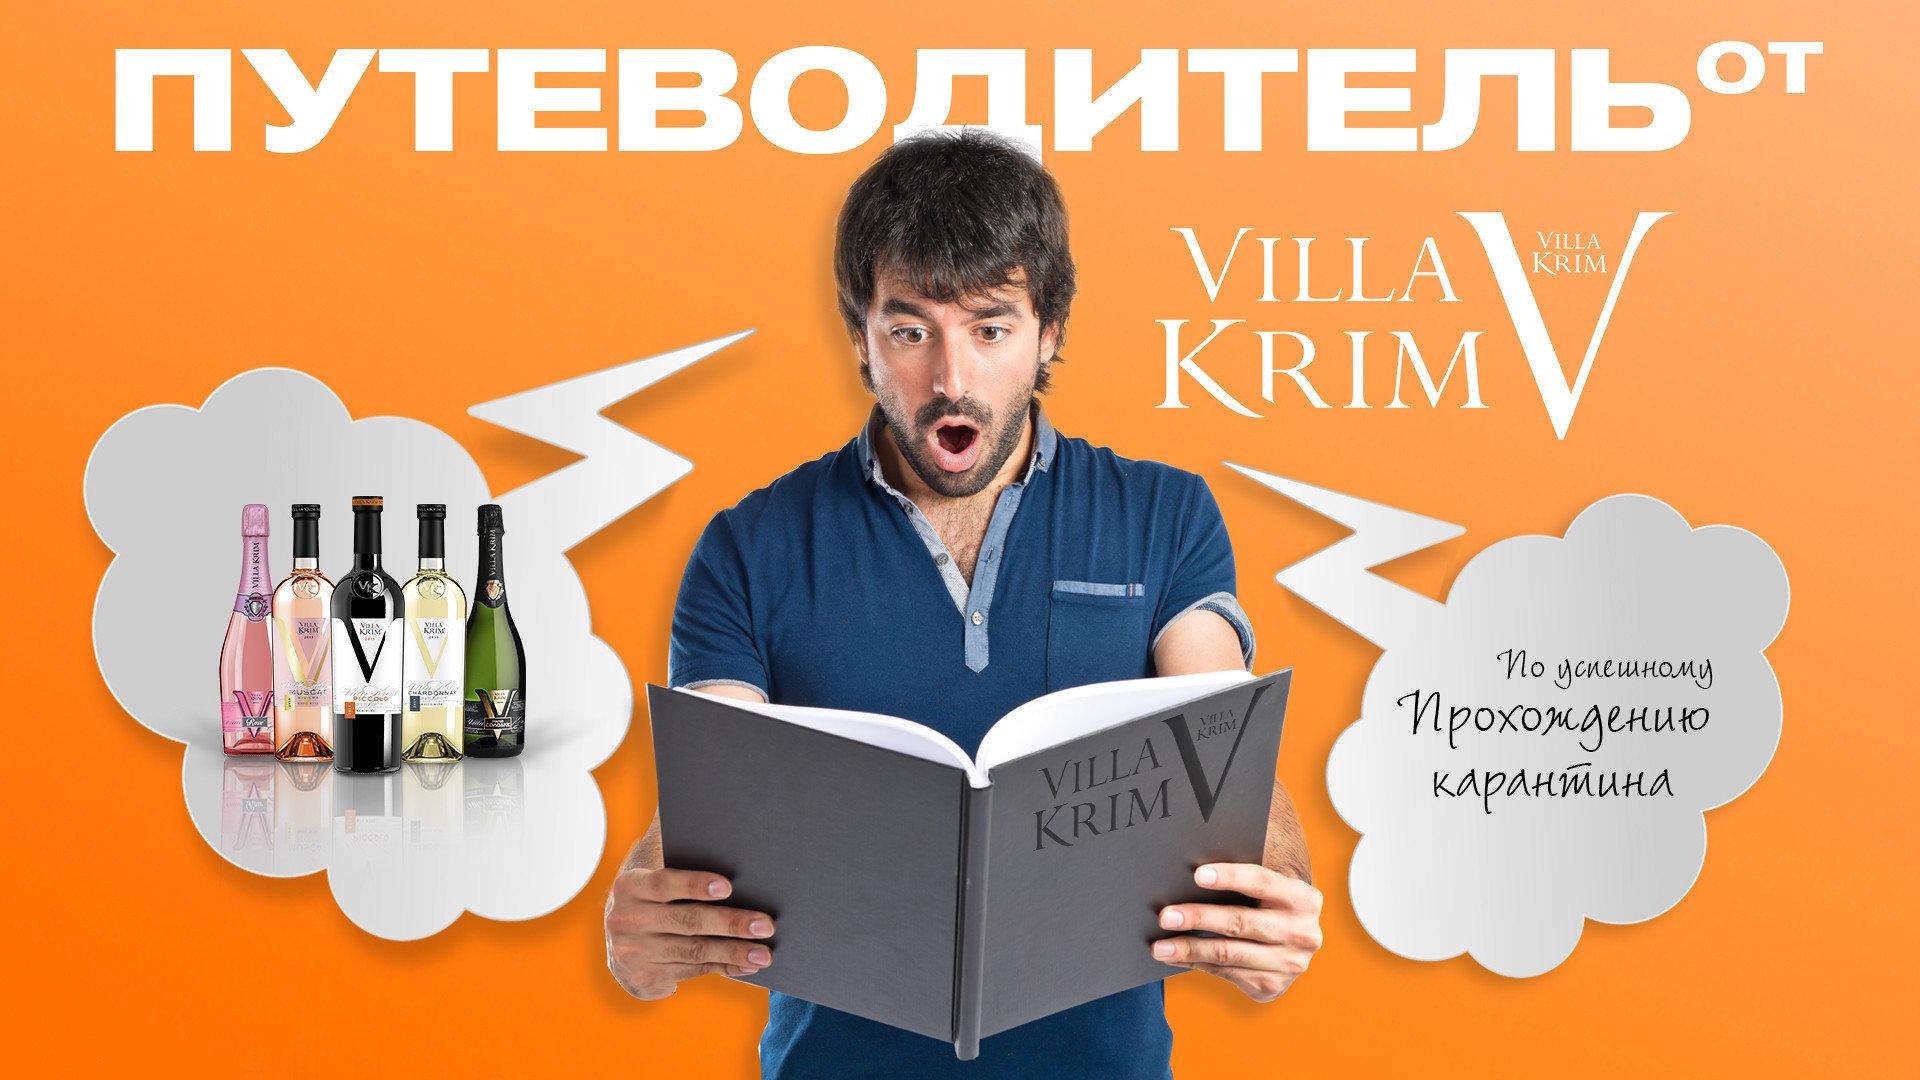 Путеводитель от Villa Krim по успешному прохождению карантина